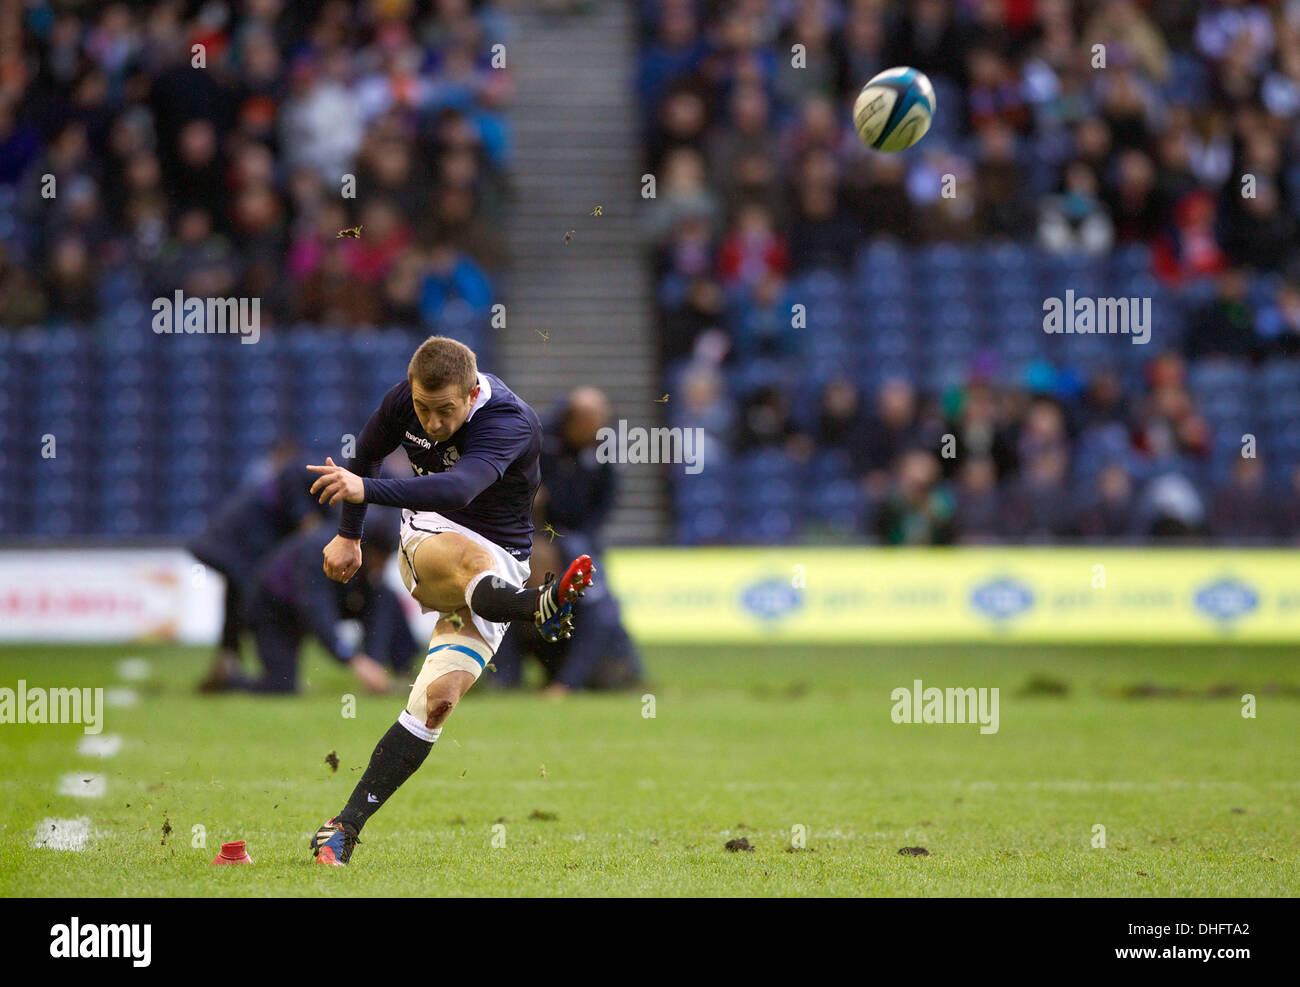 Edinburgh, Scotland  09th Nov, 2013  Scotland's Greig Laidlaw scores